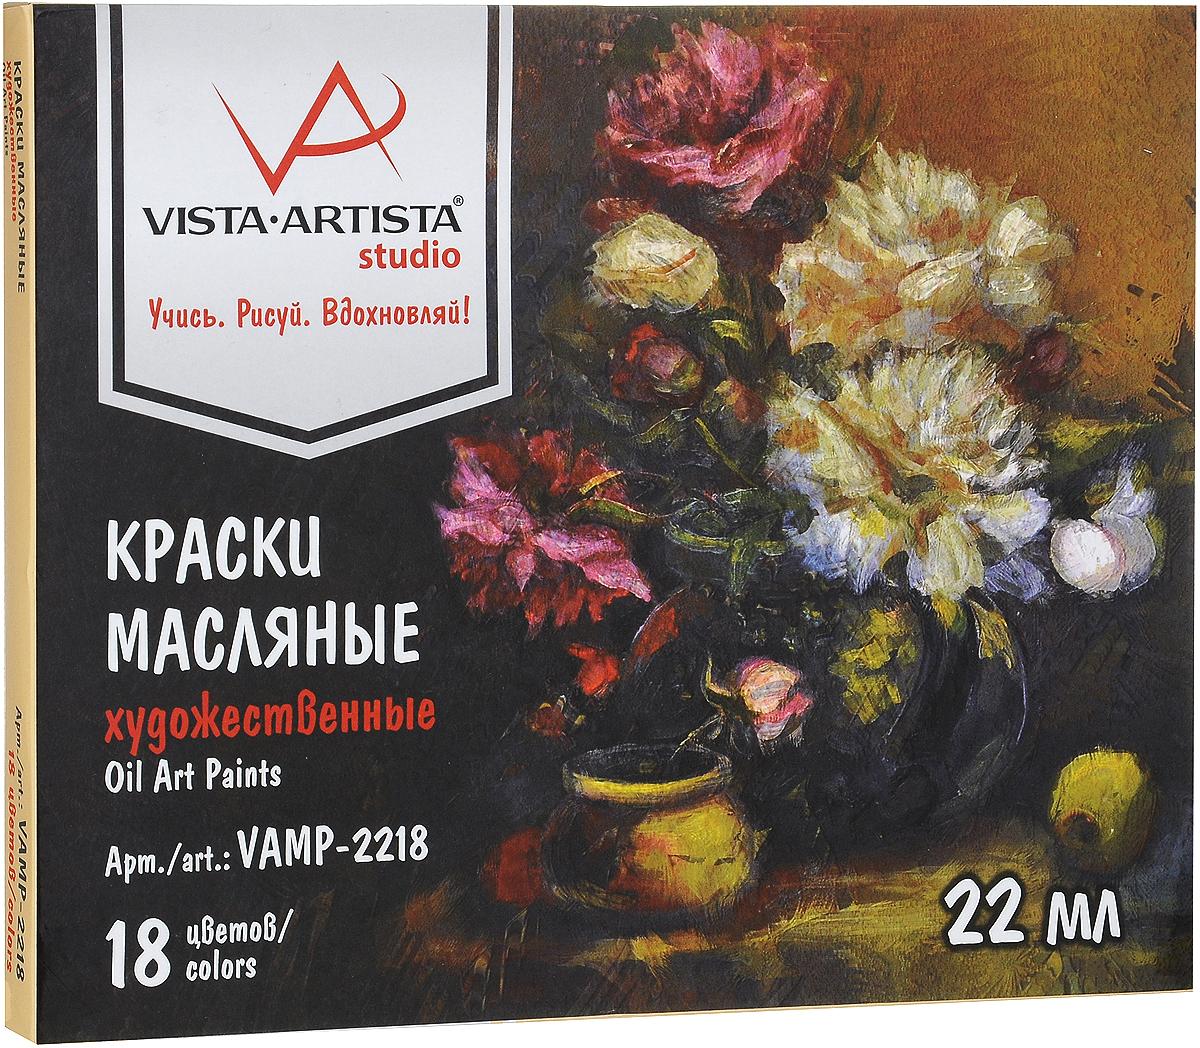 Vista-Artista Краска масляная Studio 18 цветов 22 млVAMP-2218Художественные масляные краски Vista-Artista Studio - обширная палитра цветов с хорошей укрывистостью и высокой светостойкостью. Яркие и насыщенные цвета красок отлично смешиваются между собой и вспомогательными материалами, и позволяют получить разнообразие фактурных и цветовых решений. В наборе имеется 18 цветов по 22 мл. Уважаемые клиенты! Обращаем ваше внимание на то, что упаковка может иметь несколько видов дизайна. Поставка осуществляется в зависимости от наличия на складе.